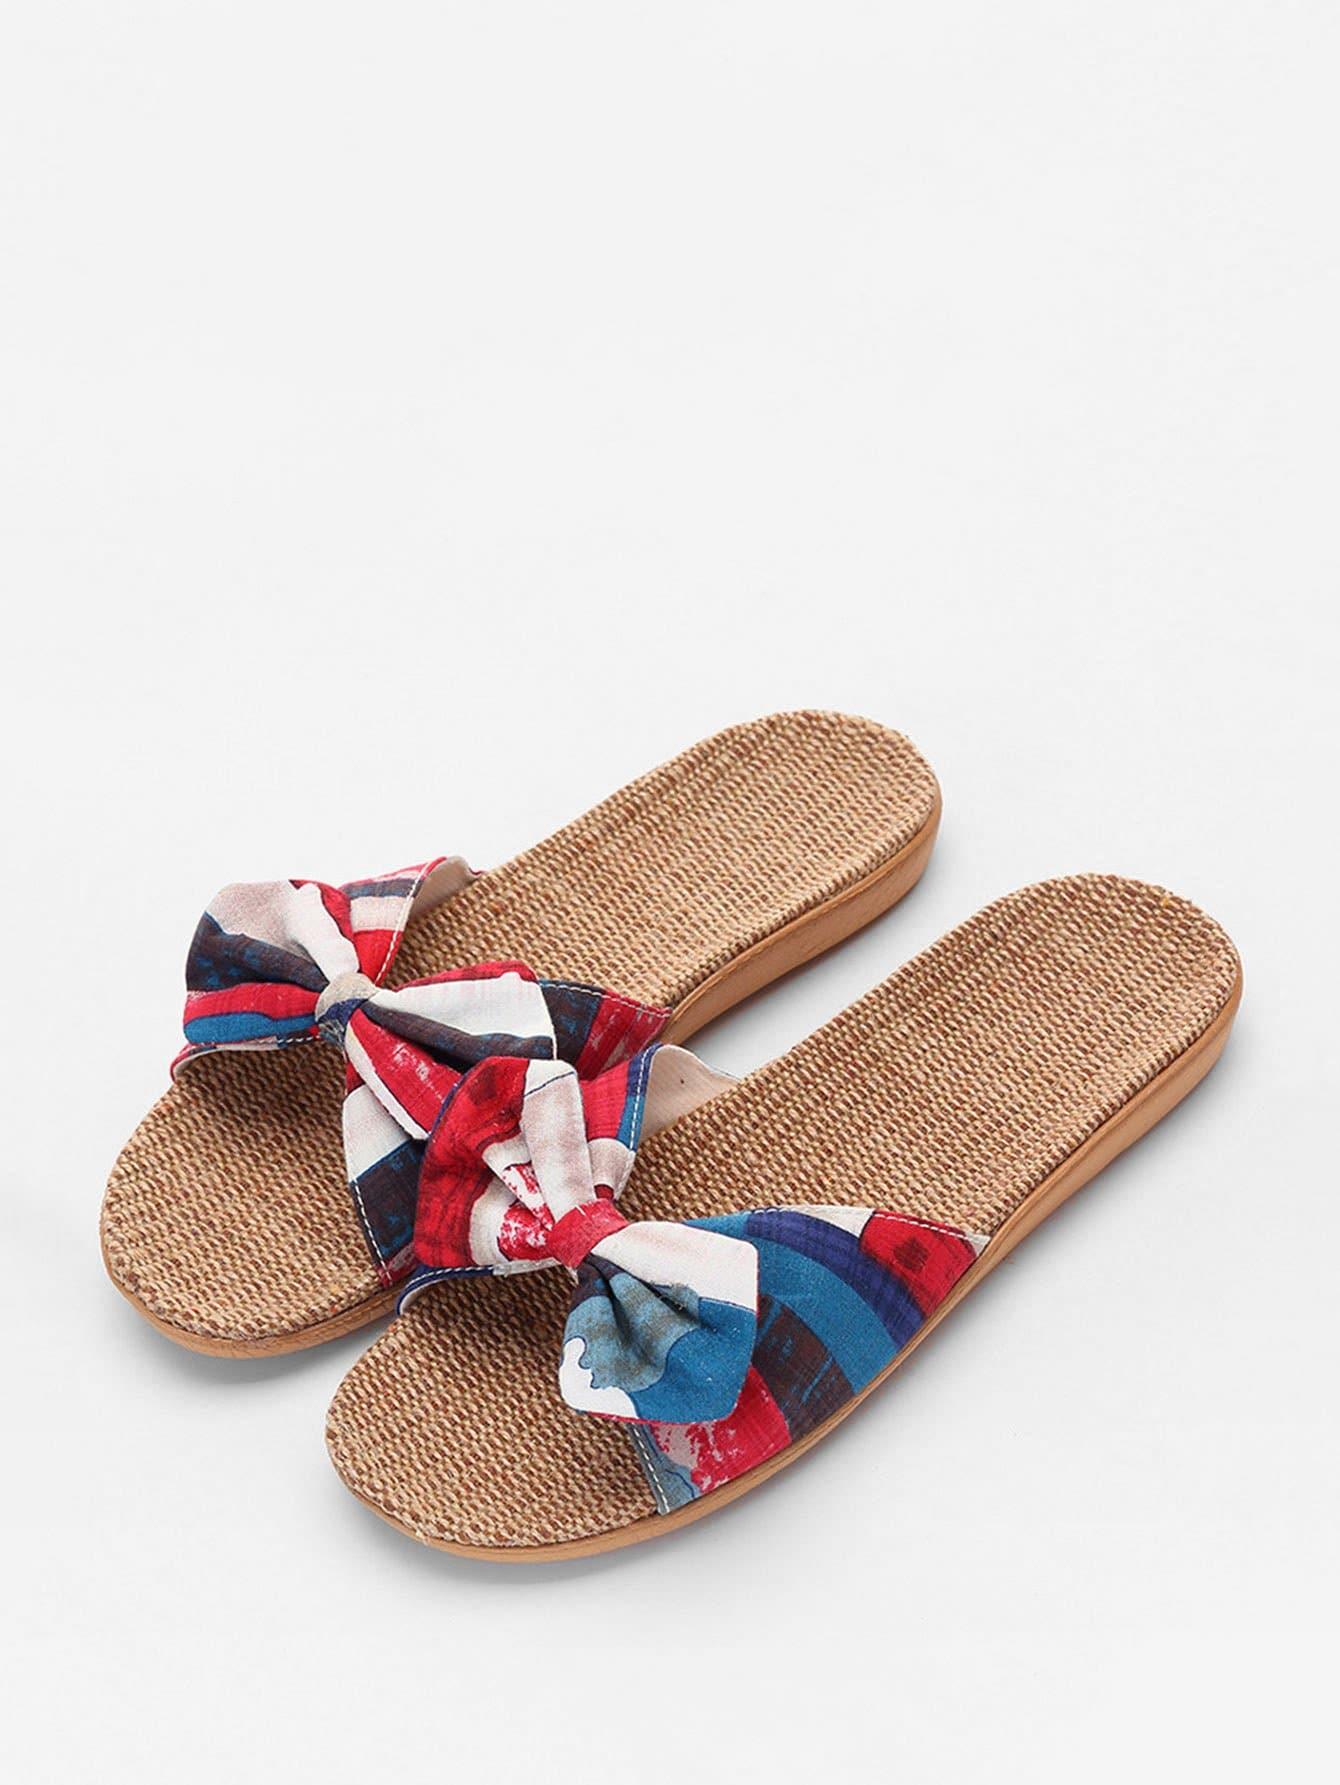 Bow Tie Flat Linen Sliders